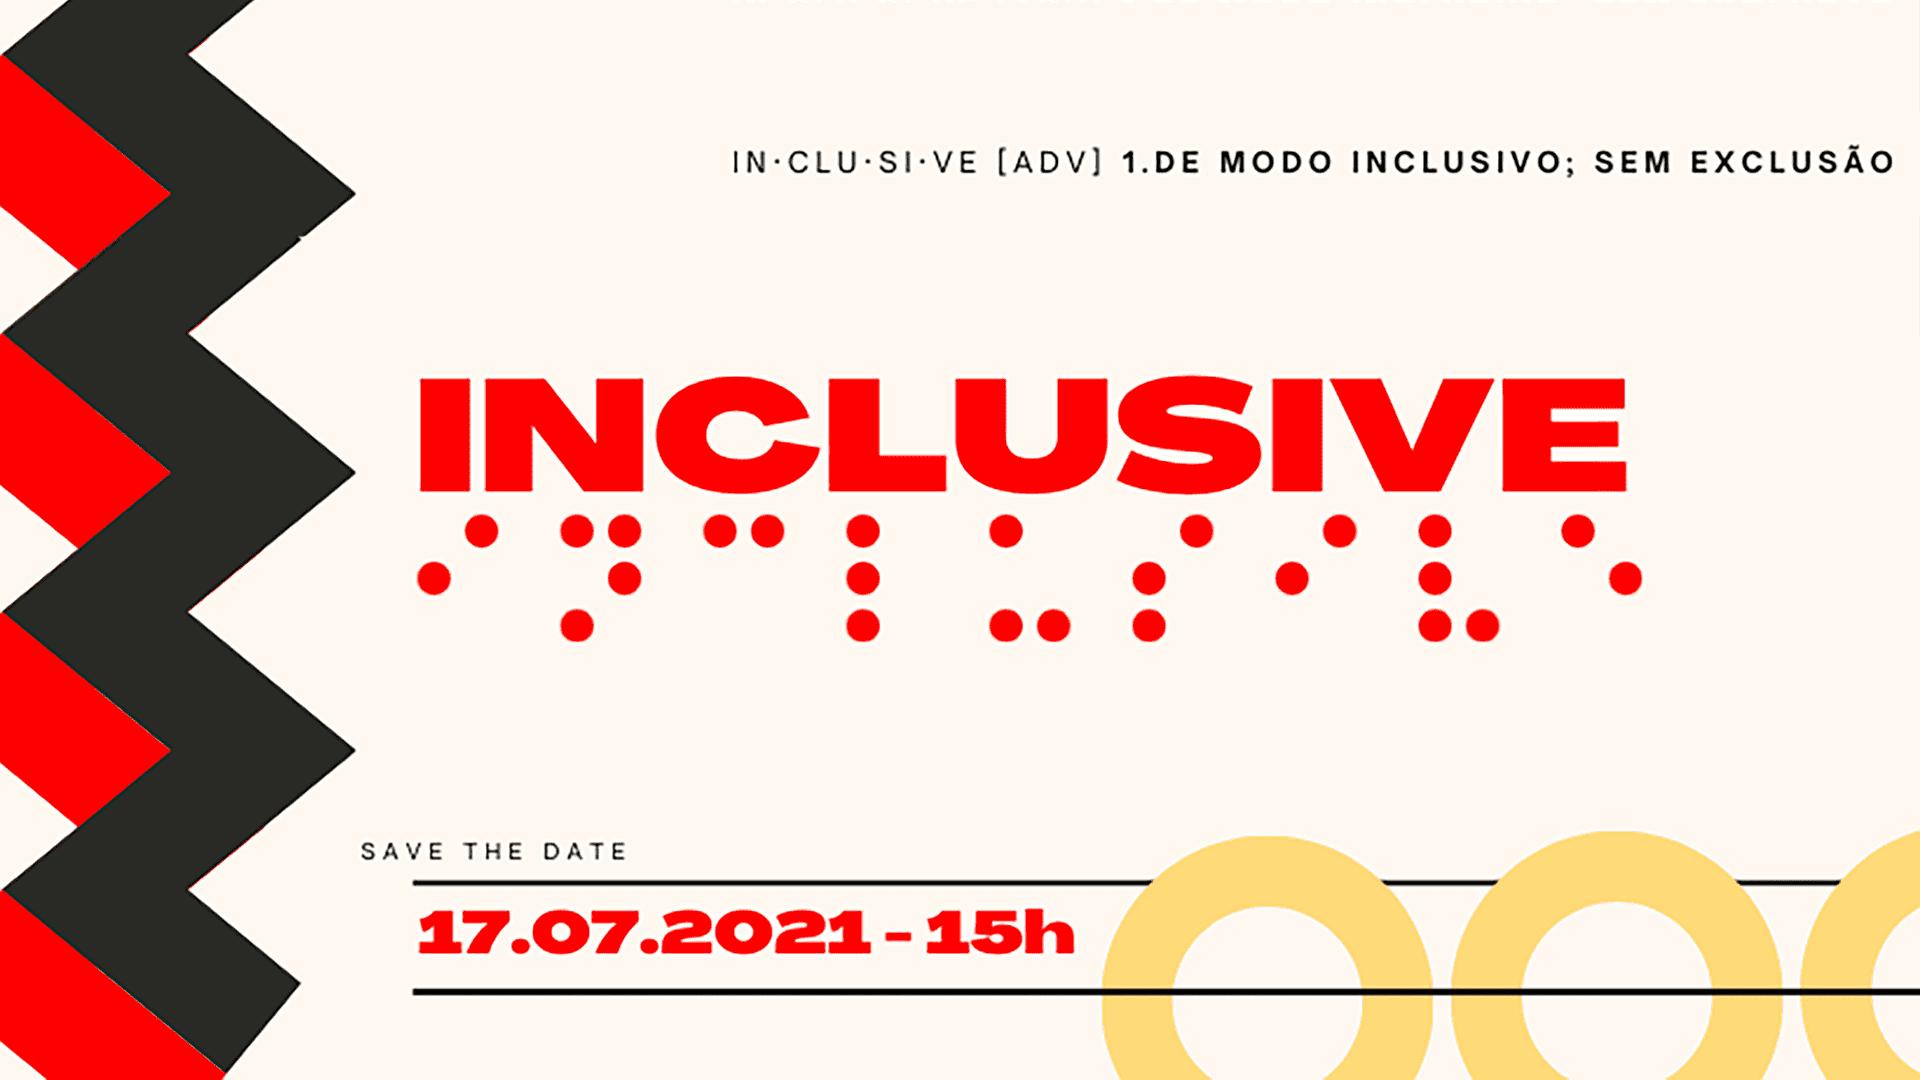 Banner de divulgação do evento Inclusive, detalhado na legenda.